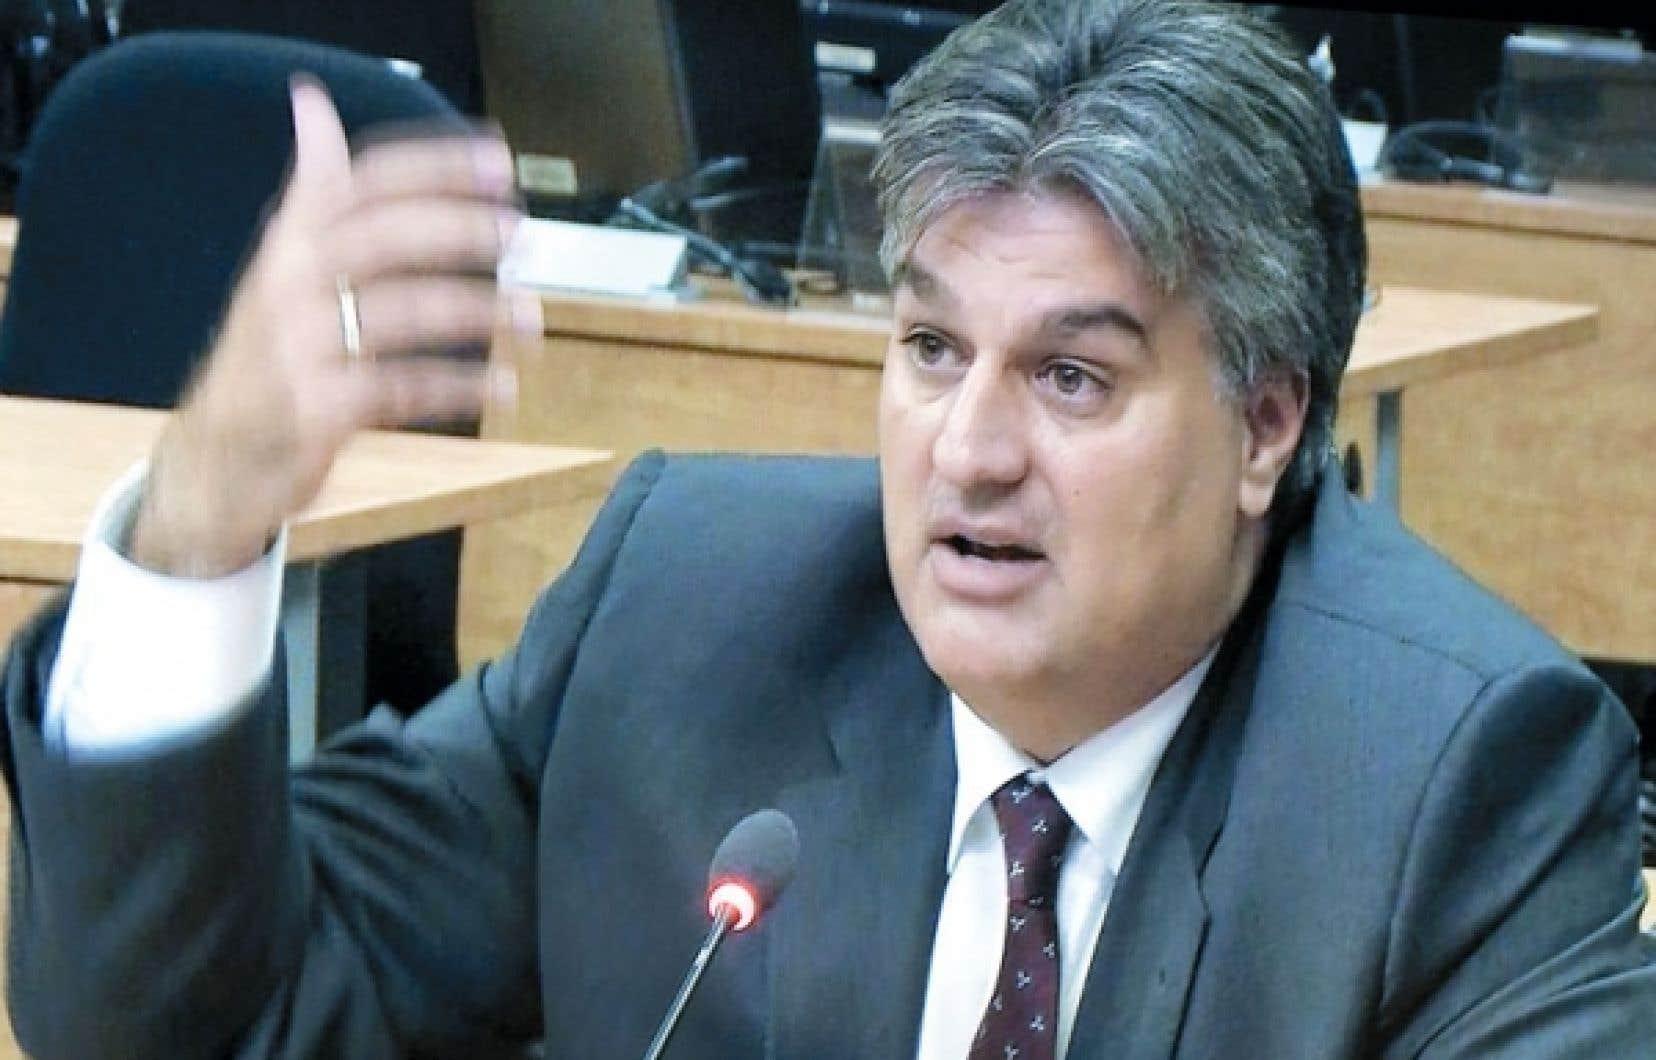 L'ex-entrepreneur Lino Zambito a affirmé à la commission Charbonneau que l'arrivée de l'escouade Marteau a ralenti le système de corruption et de collusion à Montréal.